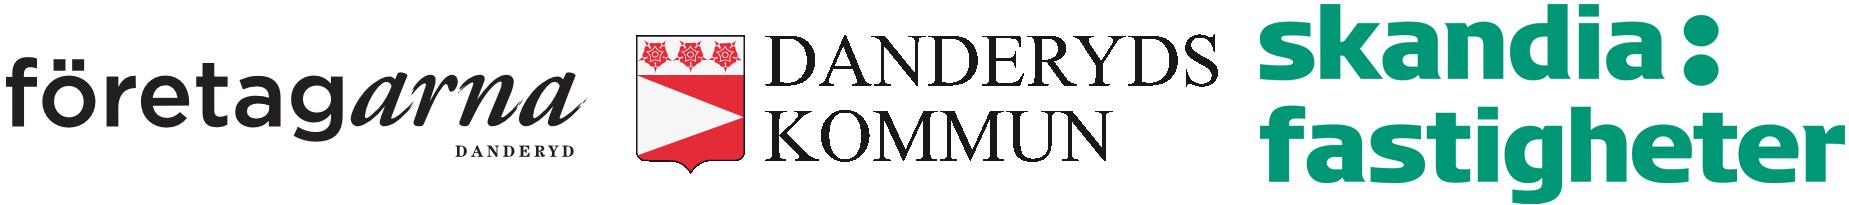 (2018)Företagsmässan Världsklass Danderyd